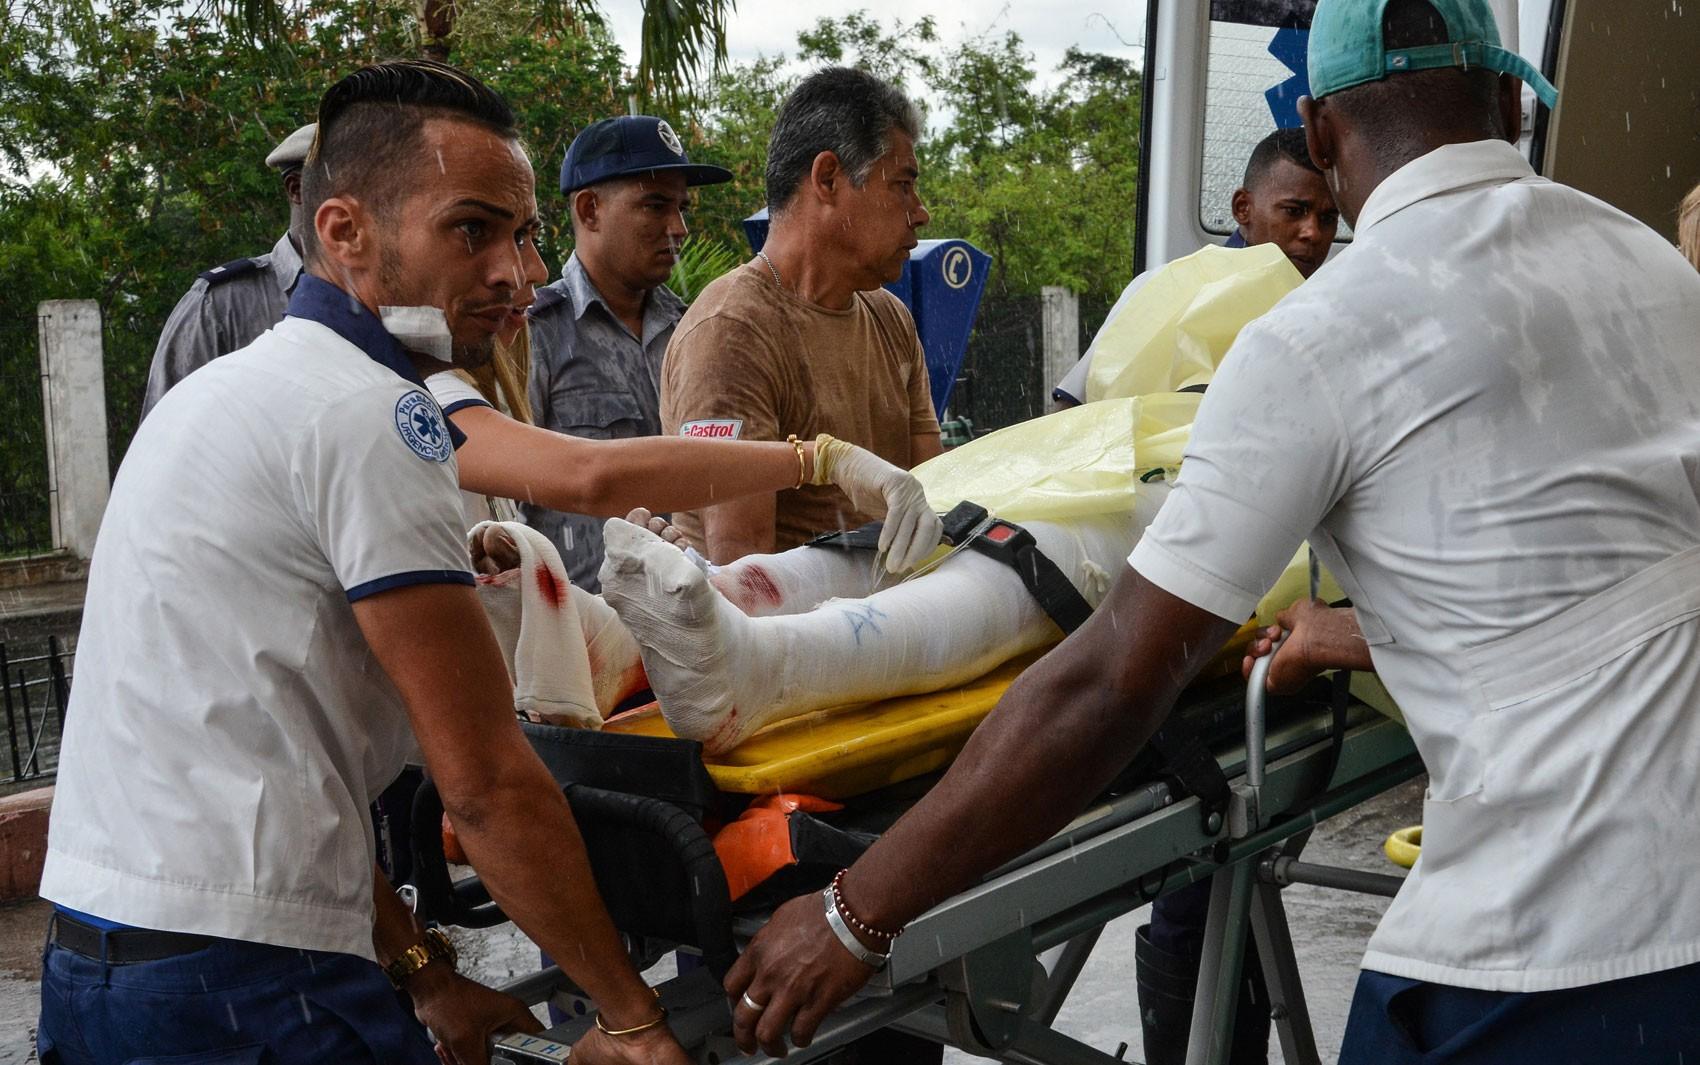 Sobrevivente de acidente aéreo em Cuba está consciente, diz médico